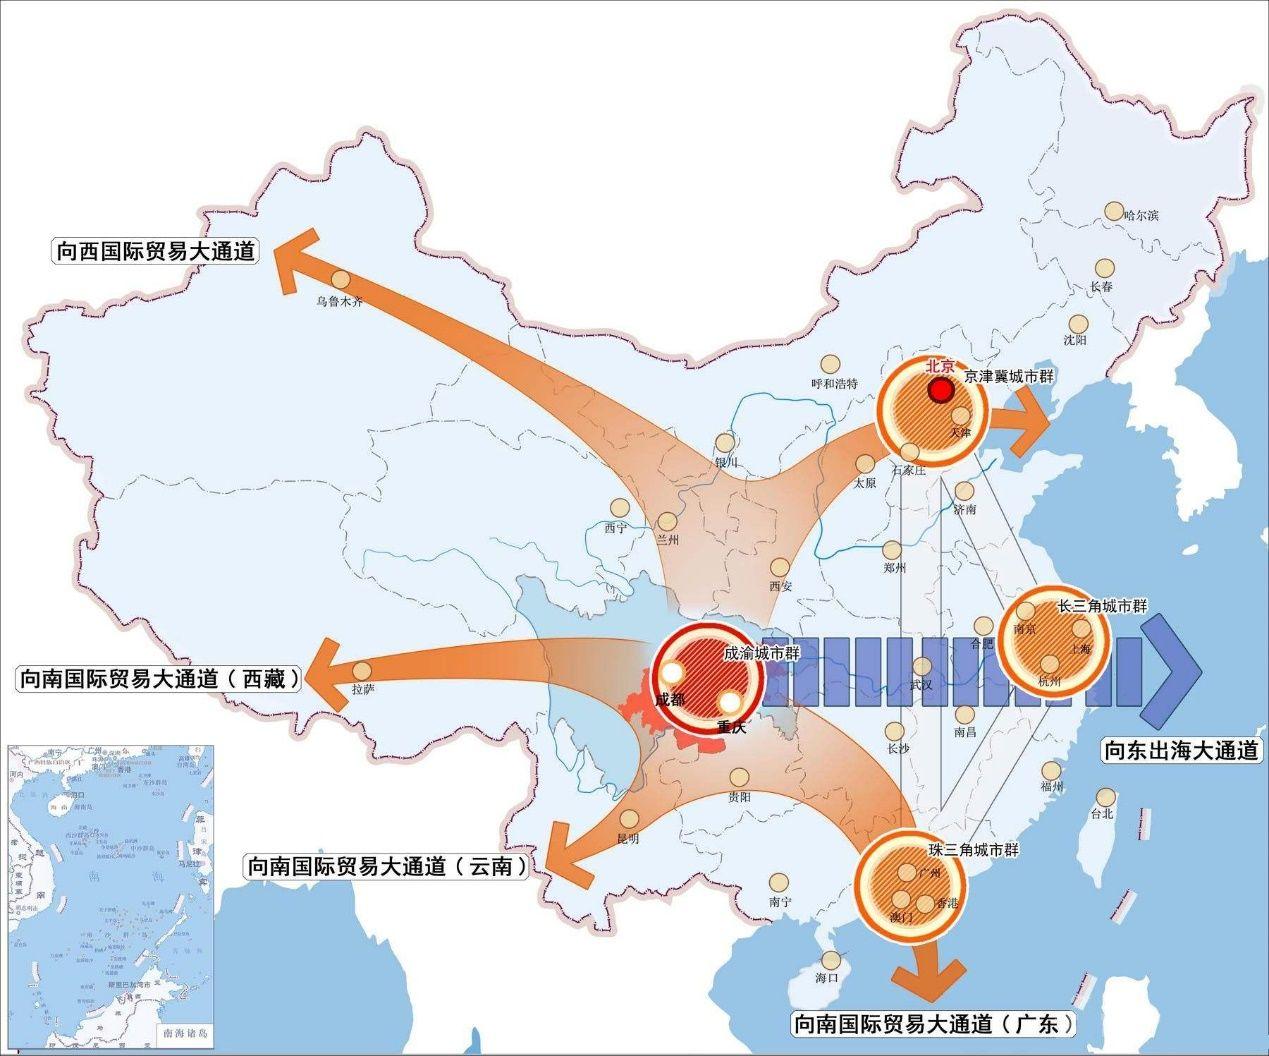 沈阳与大连,济南与青岛,福州与厦门,广州与深圳,它们都和成都与重庆